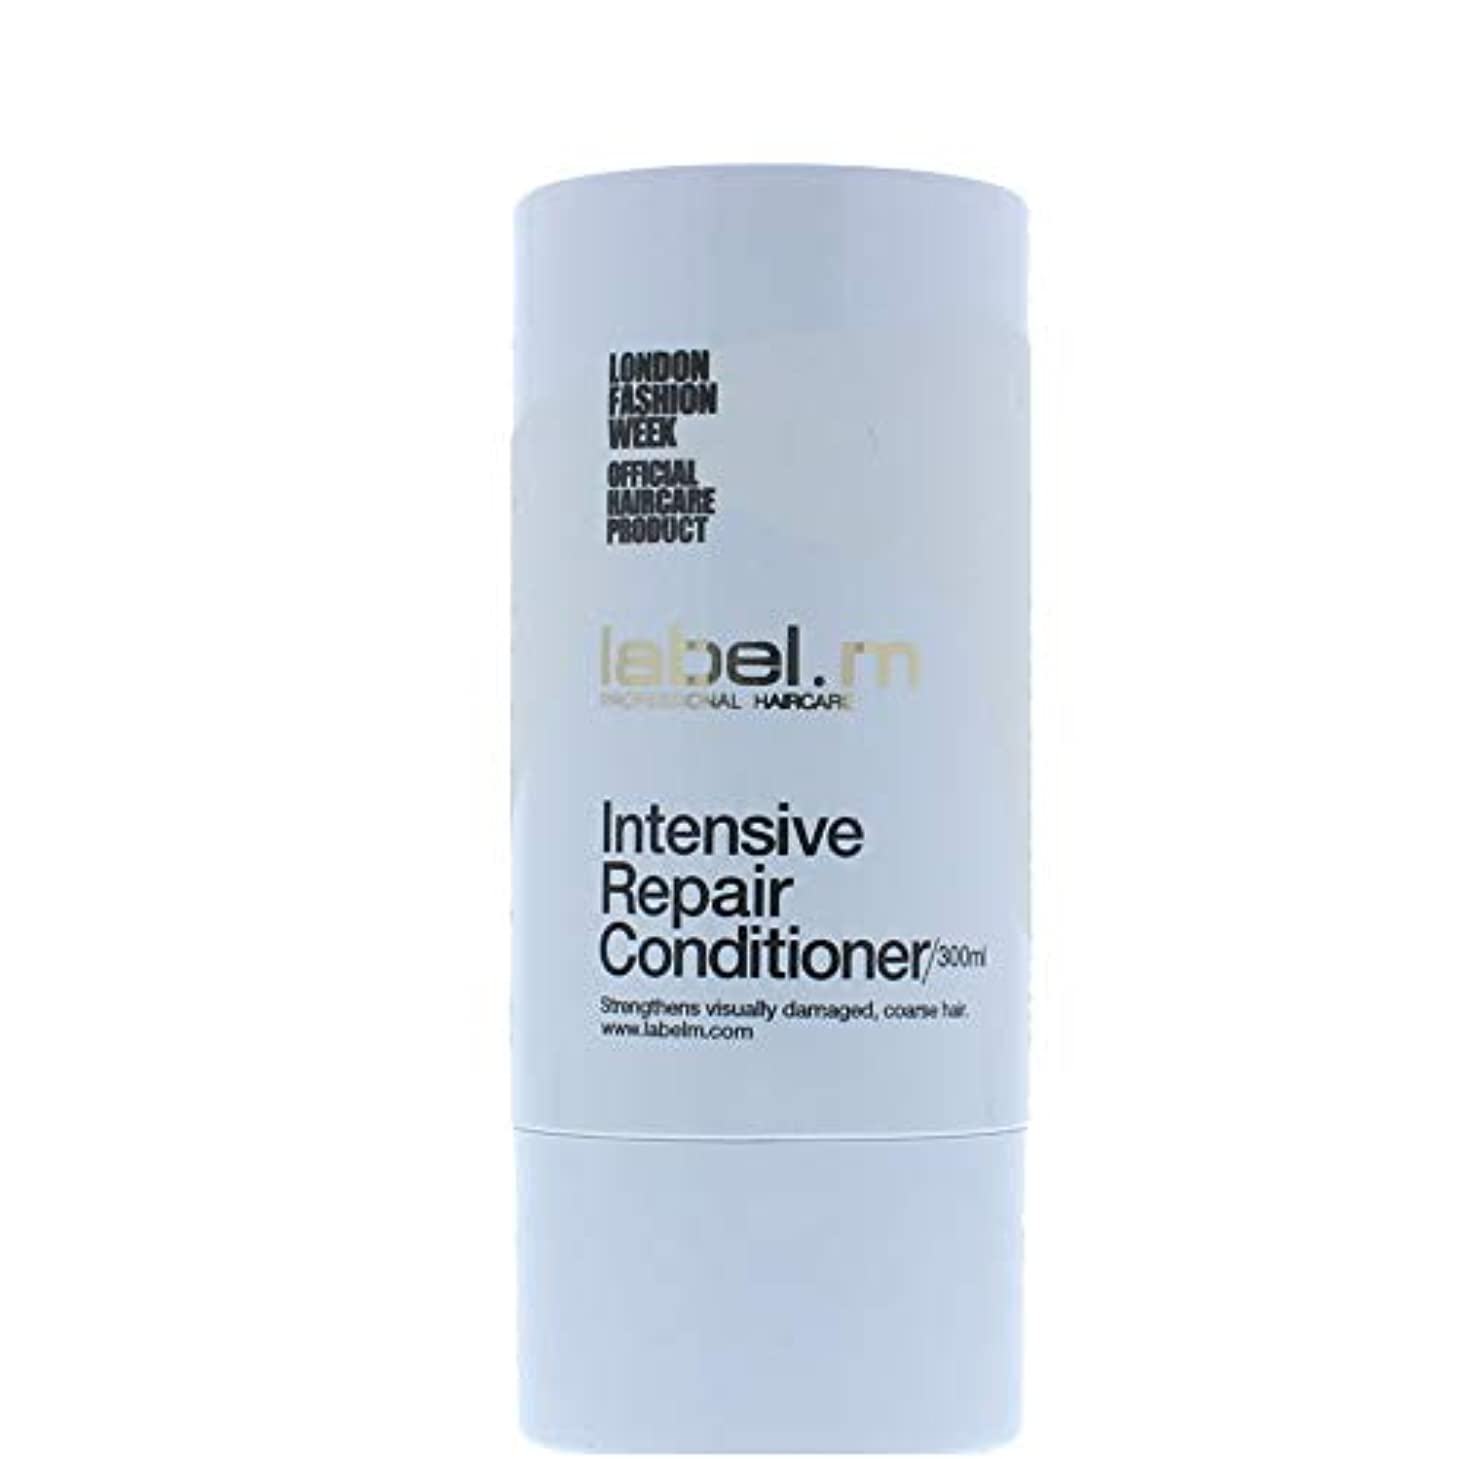 代名詞大学生支援Label MIntensive Repair Conditioner (For Visually Damaged, Coarse Hair) 300ml/10.1oz【海外直送品】